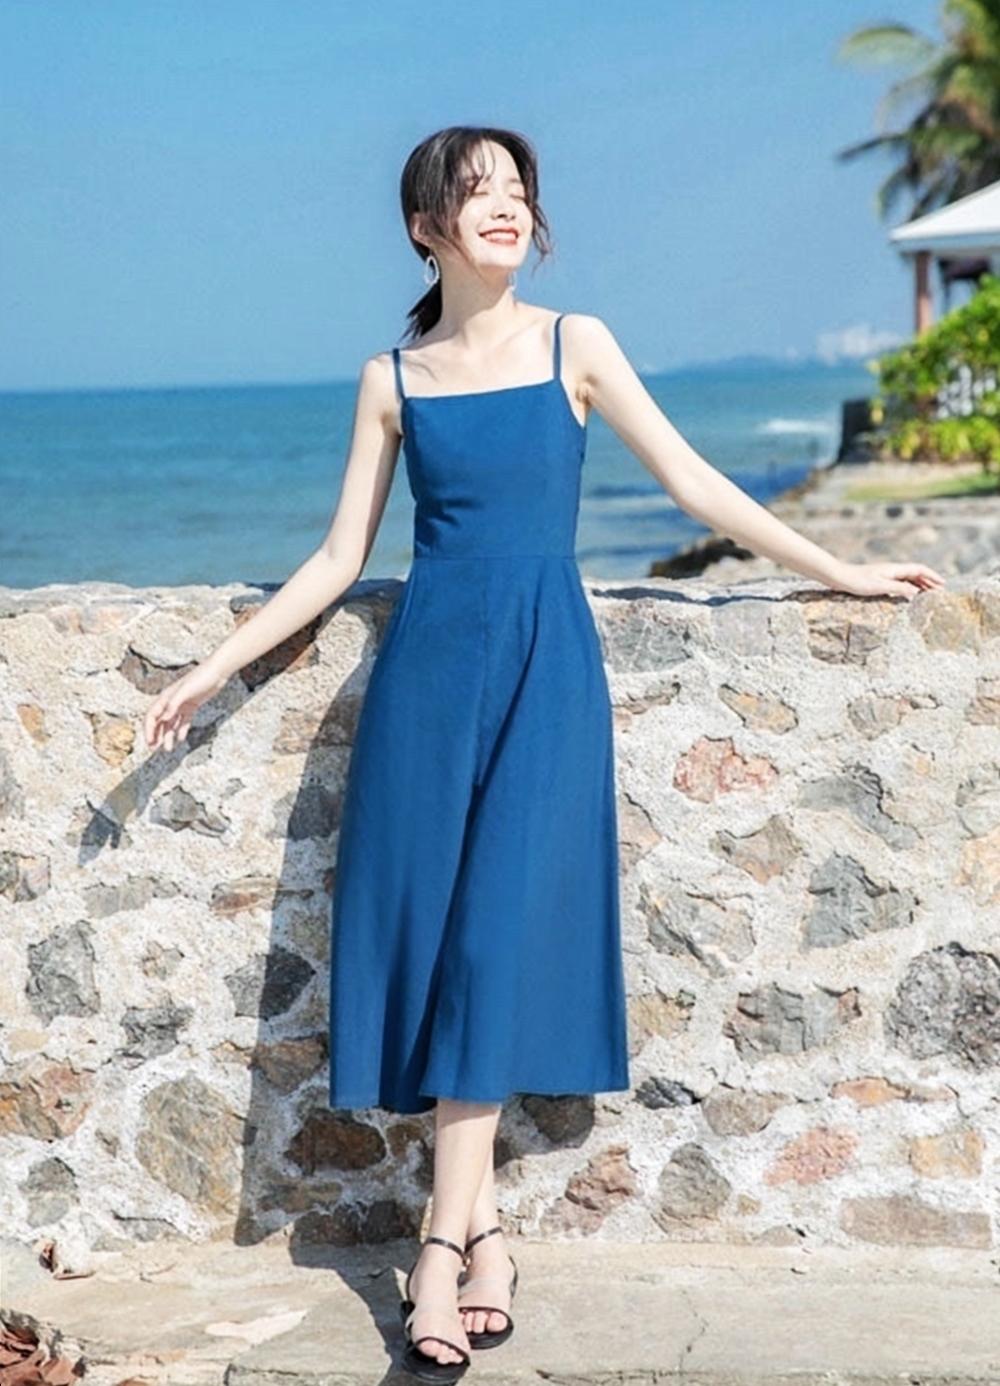 Váy retro thích hợp dạo phố, đi biển - 14